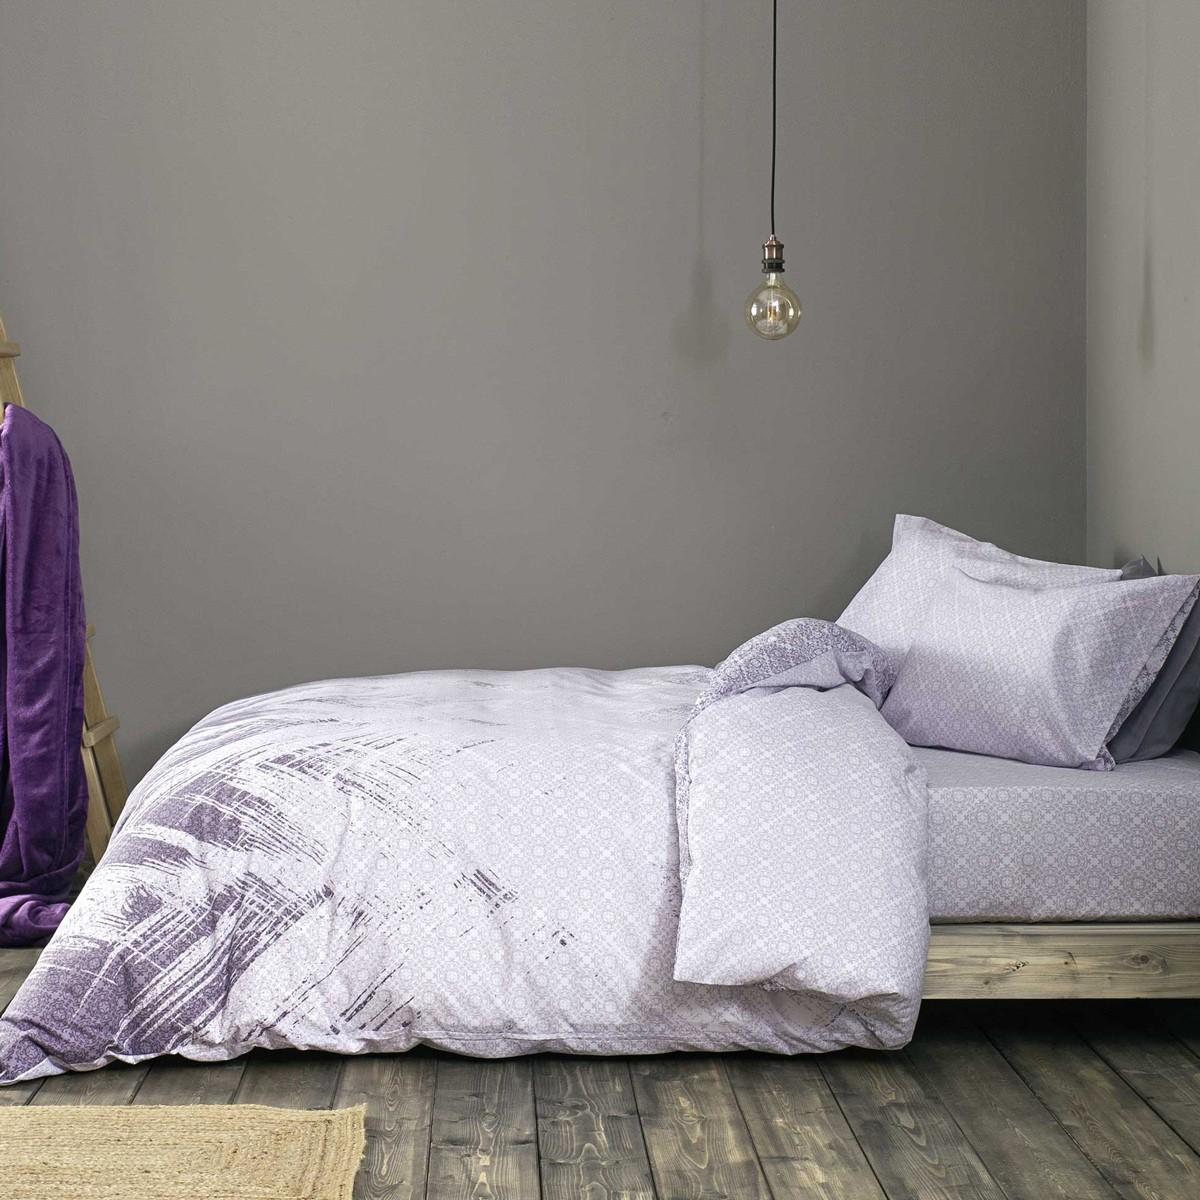 Σεντόνια Μονά (Σετ) Nima Bed Linen Portoro Purple ΜΕ ΛΑΣΤΙΧΟ ΜΕ ΛΑΣΤΙΧΟ